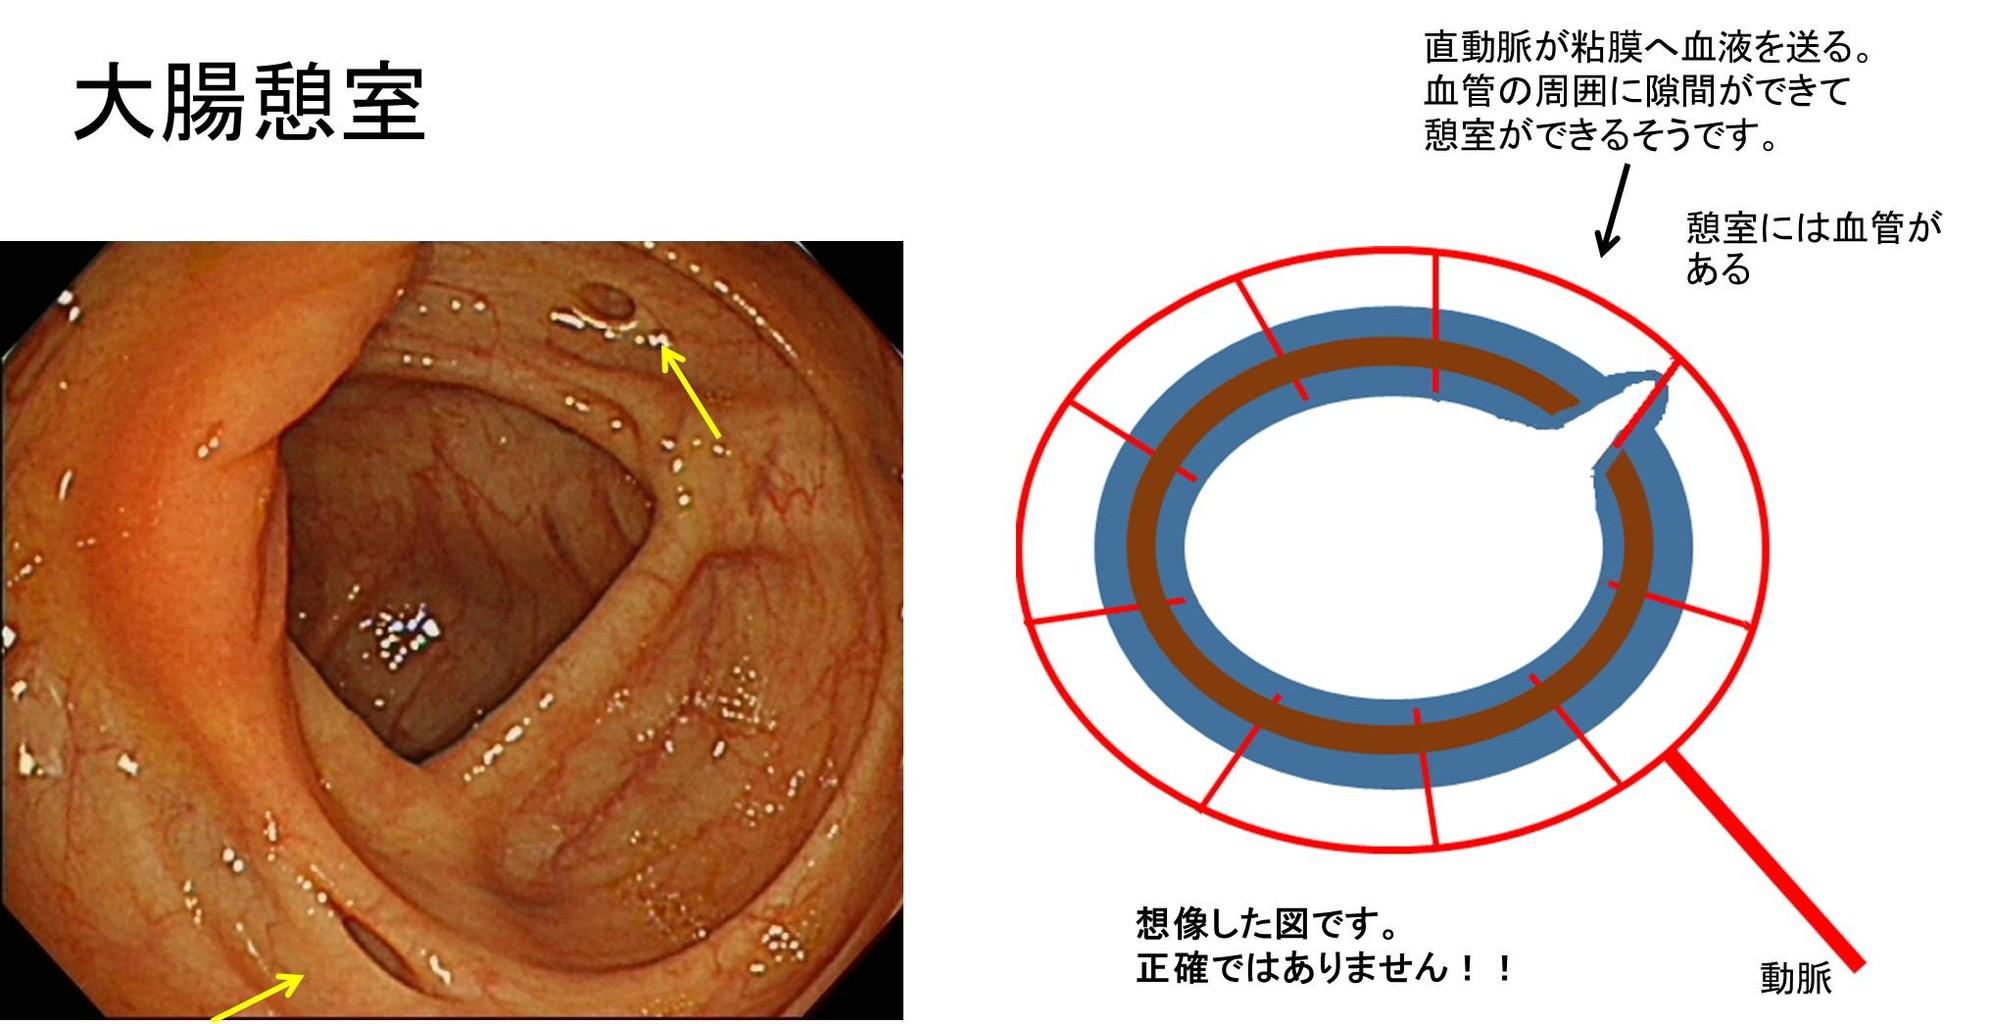 憩室 炎 再発 大腸